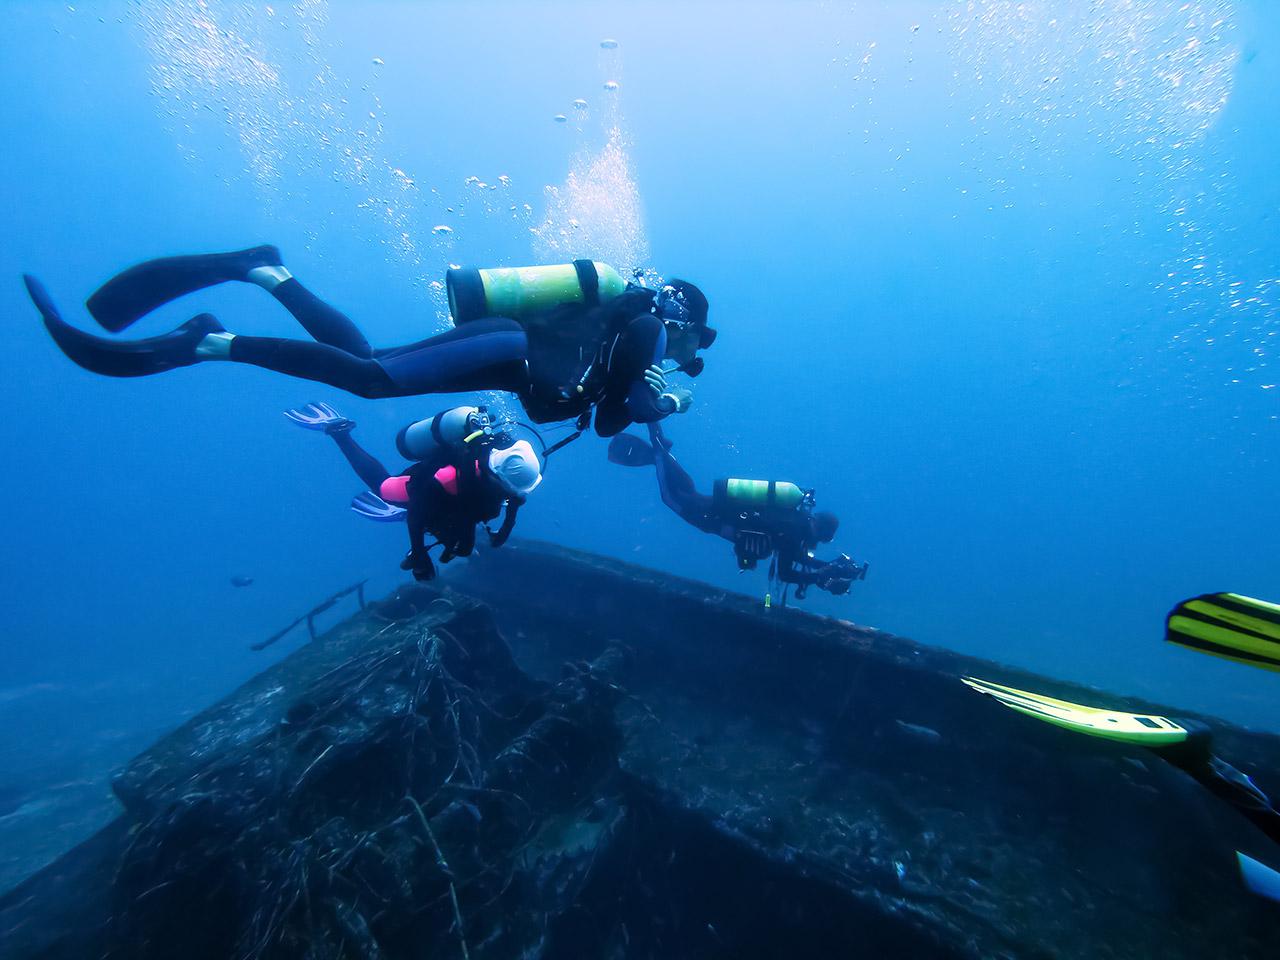 Tauchkurse vom Open Water Diver über AOWD zum Divemaster